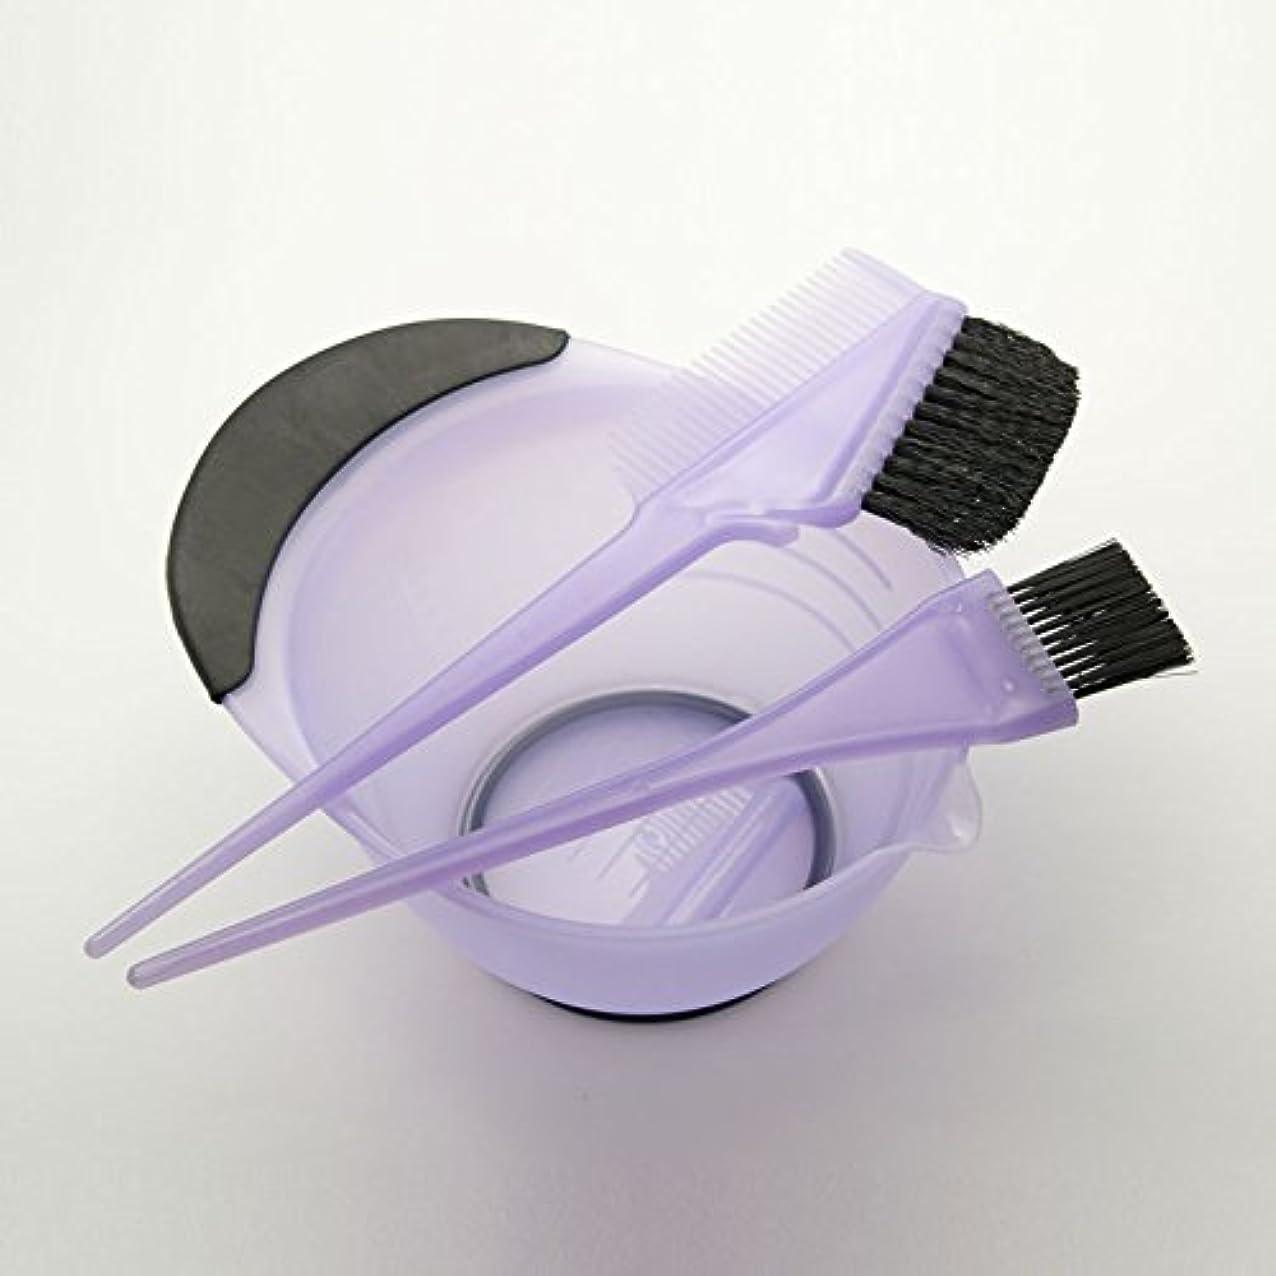 丈夫やるサイクロプスDEEDS E-0003 プロ用 ヘアカラーセット ラベンダー ヘアカラー カップ ブラシ セット